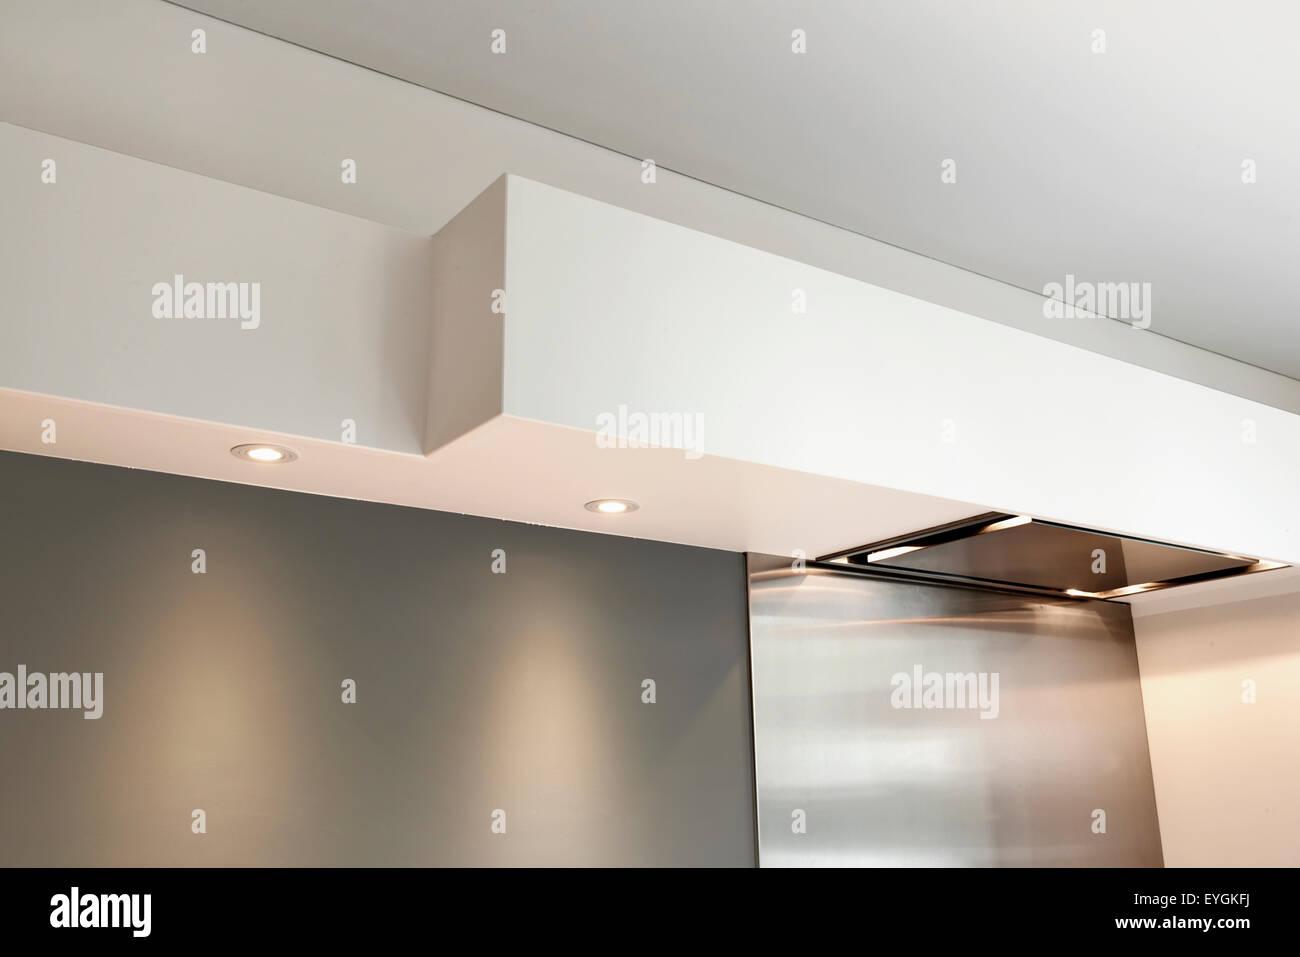 Detail einer gewölbten Decke ohne Fugen in einer Küche Stockfoto ...